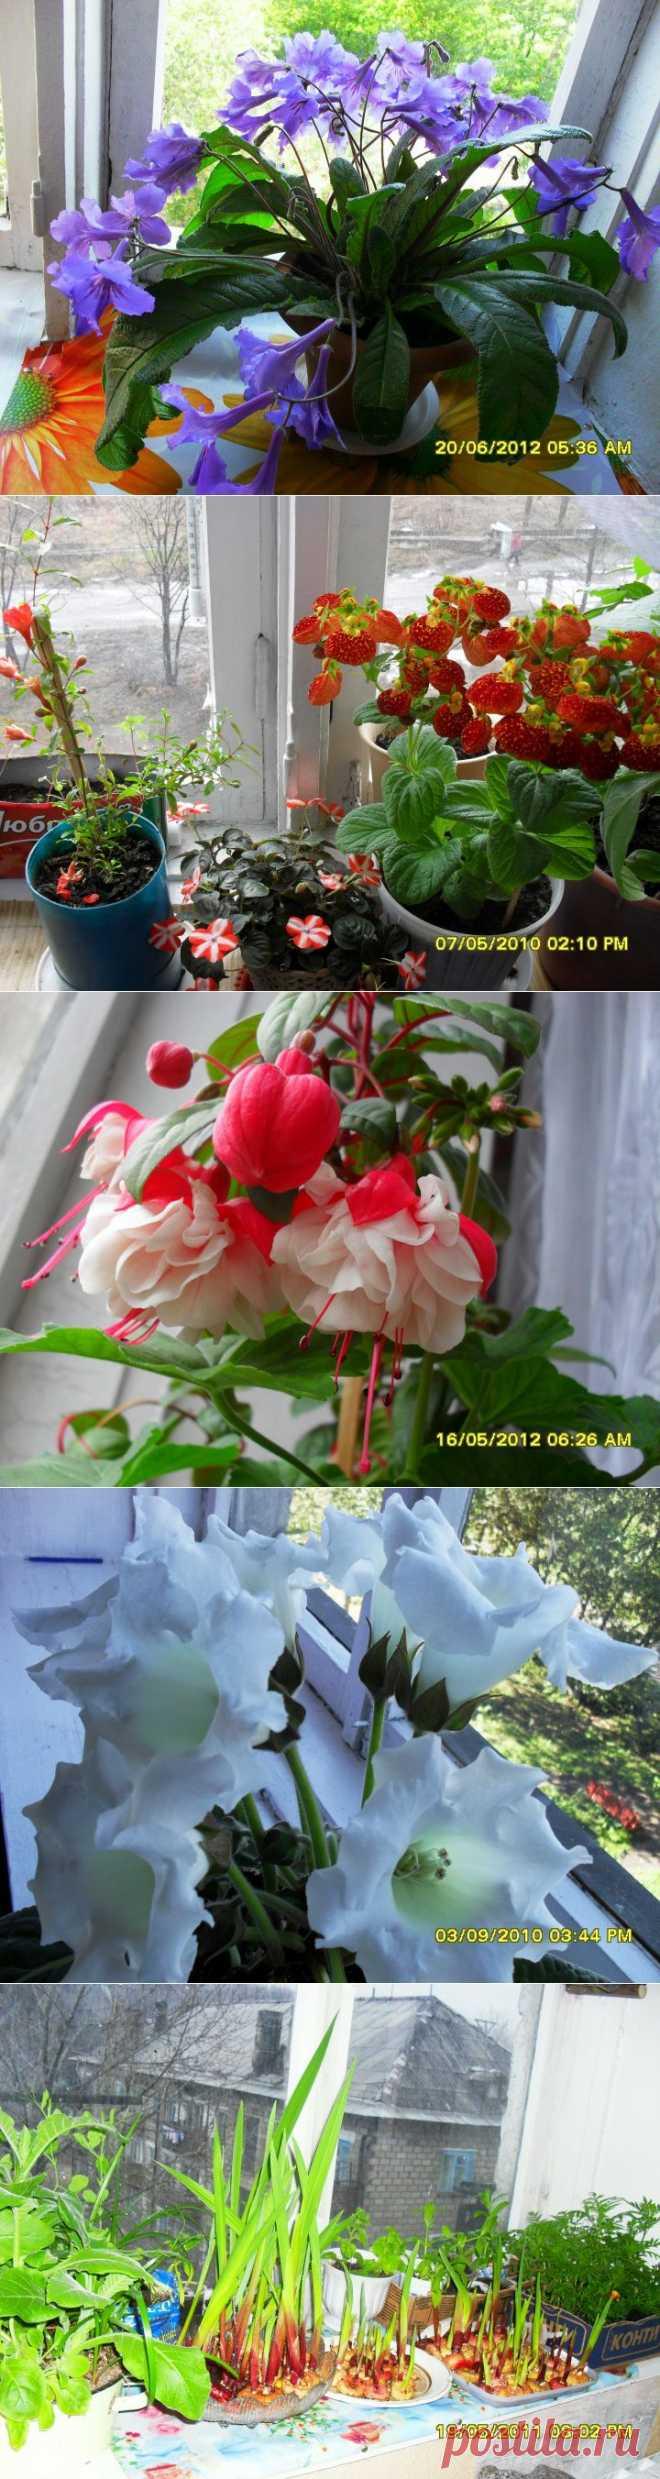 ПРОСТО ЦВЕТЫ НА ПОДОКОННИКЕ-но как привлекают!Мы их поливаем,рыхлим землю,подкармливаем.Они дарят нам радость созерцания.Мы любим цветы! | САД НА ПОДОКОННИКЕ